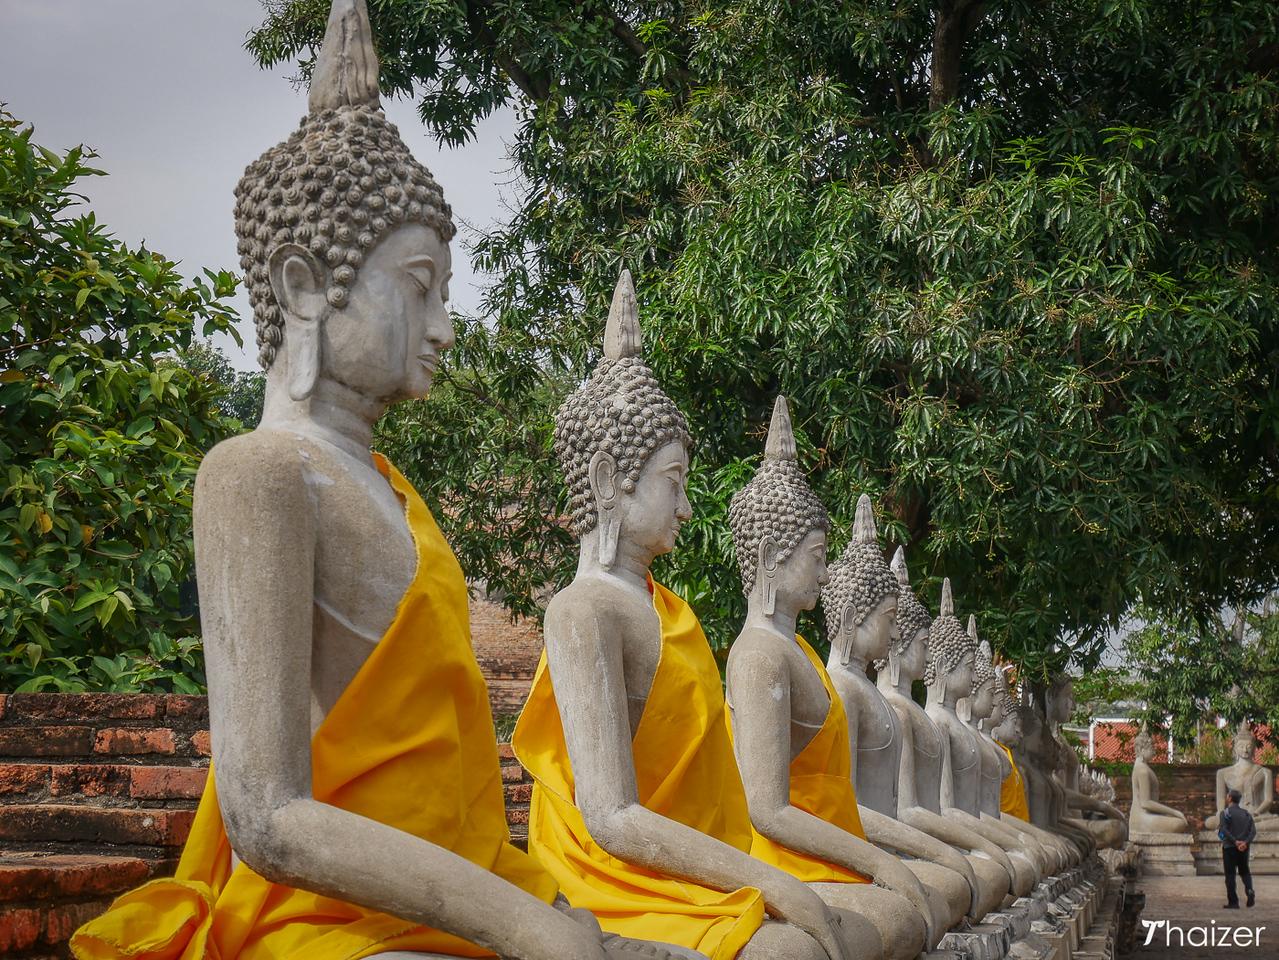 stone Buddhas at Wat Yai Chai Mongkhon, Ayutthaya /